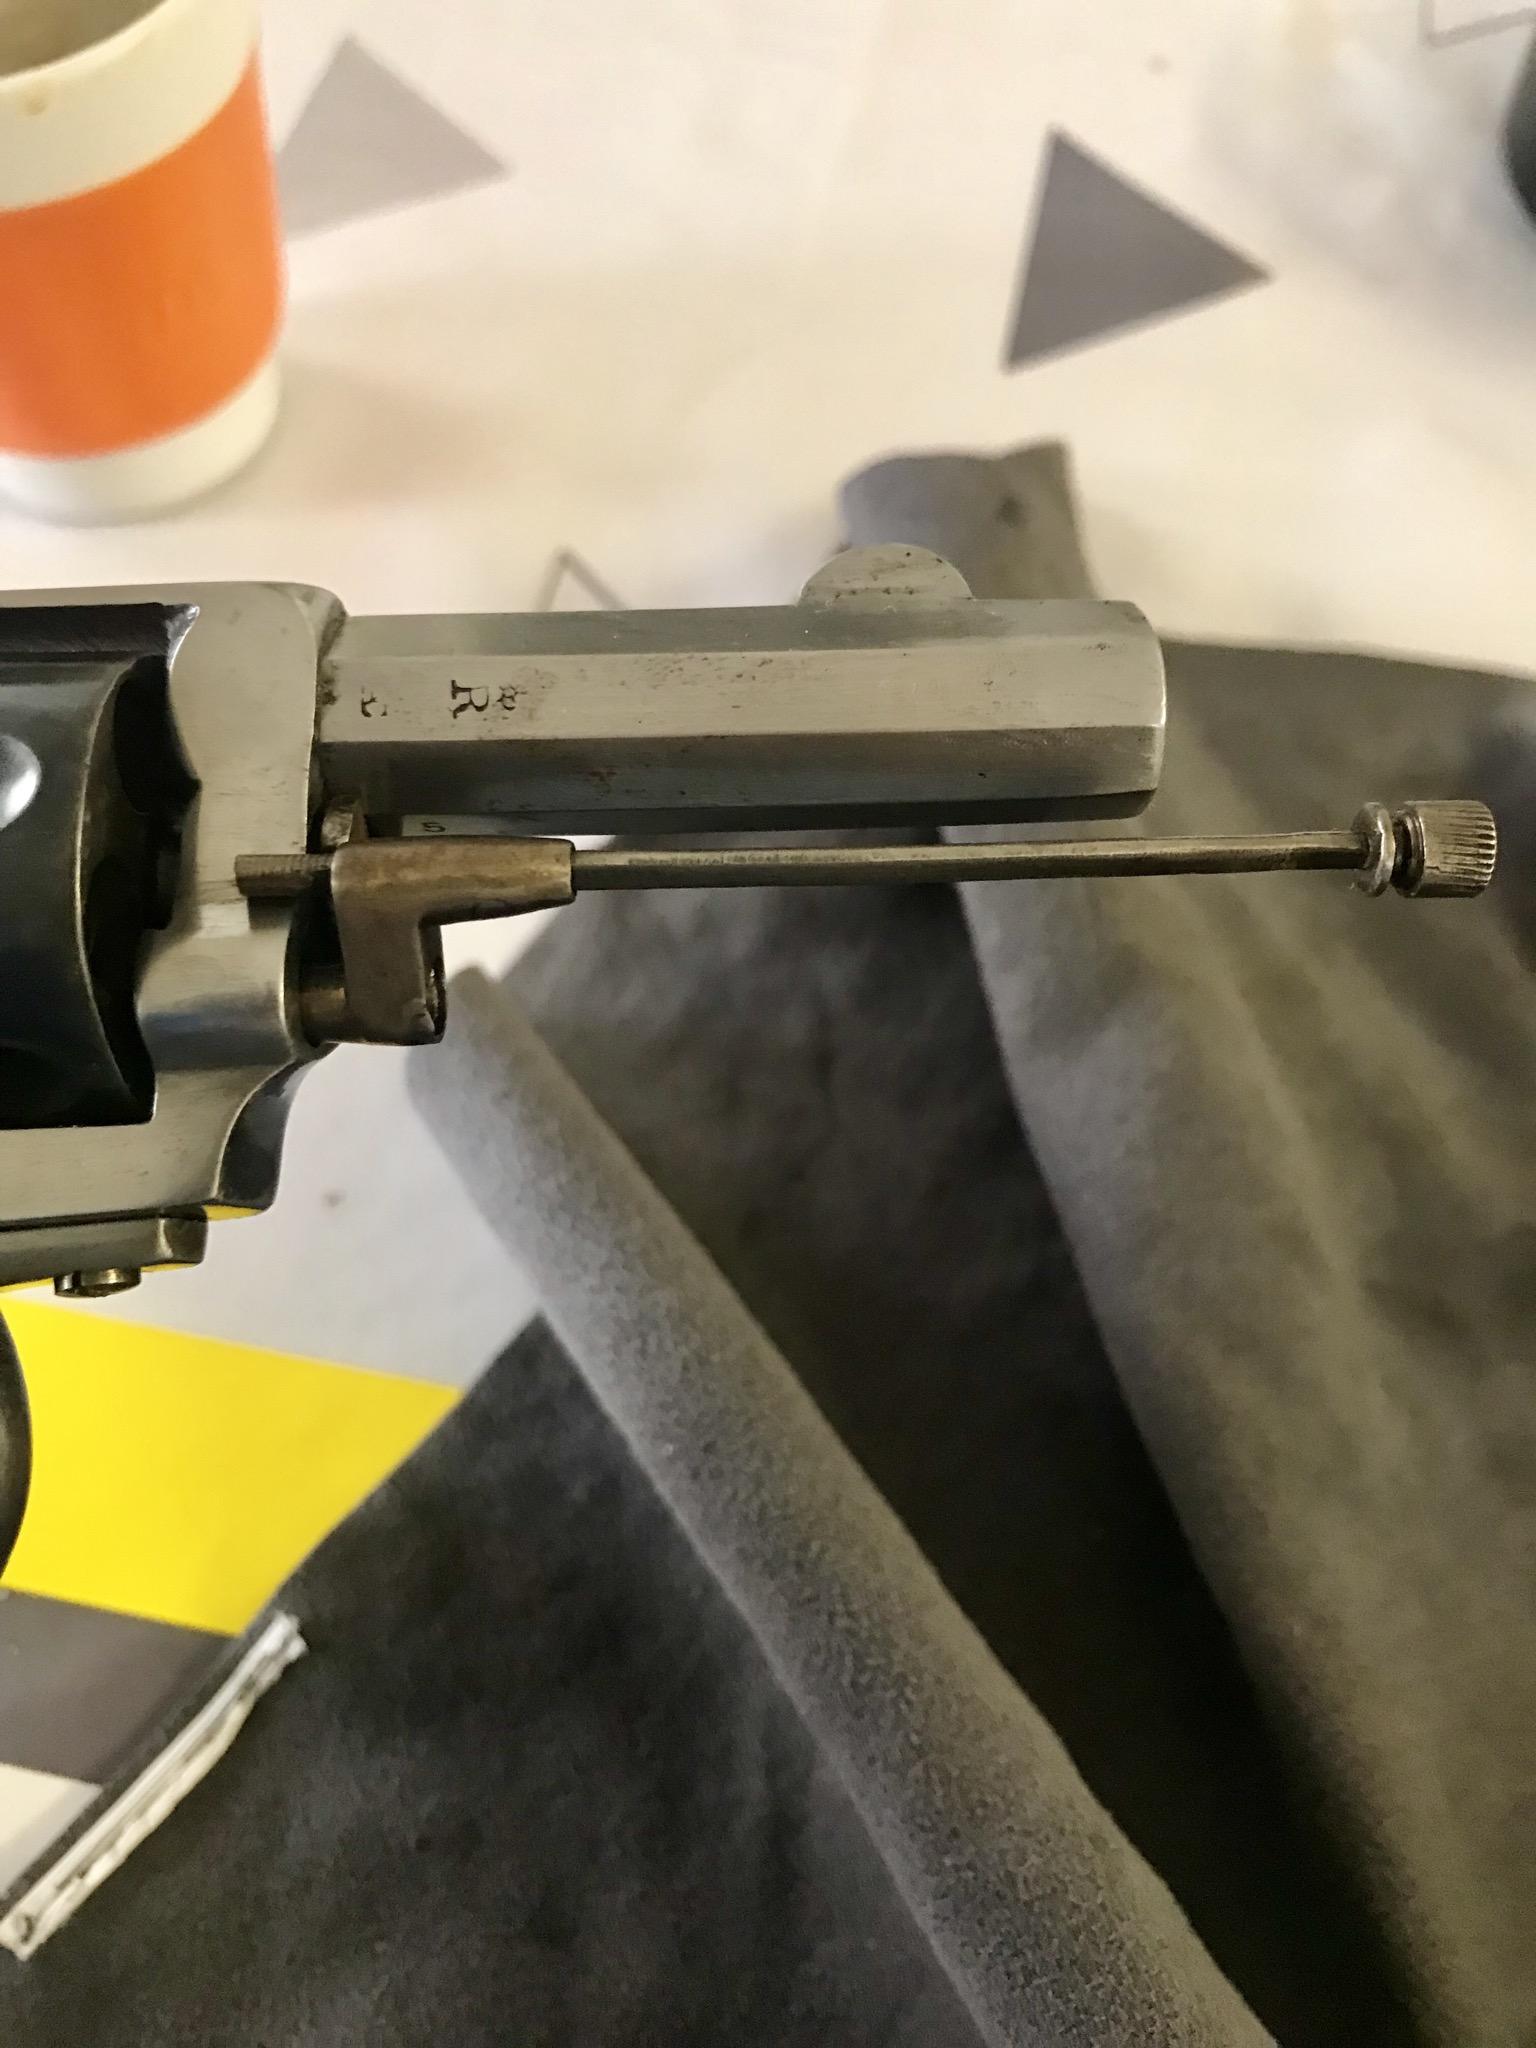 Tige d'extraction se bloque pas revolver type bulldog  Caec9b10